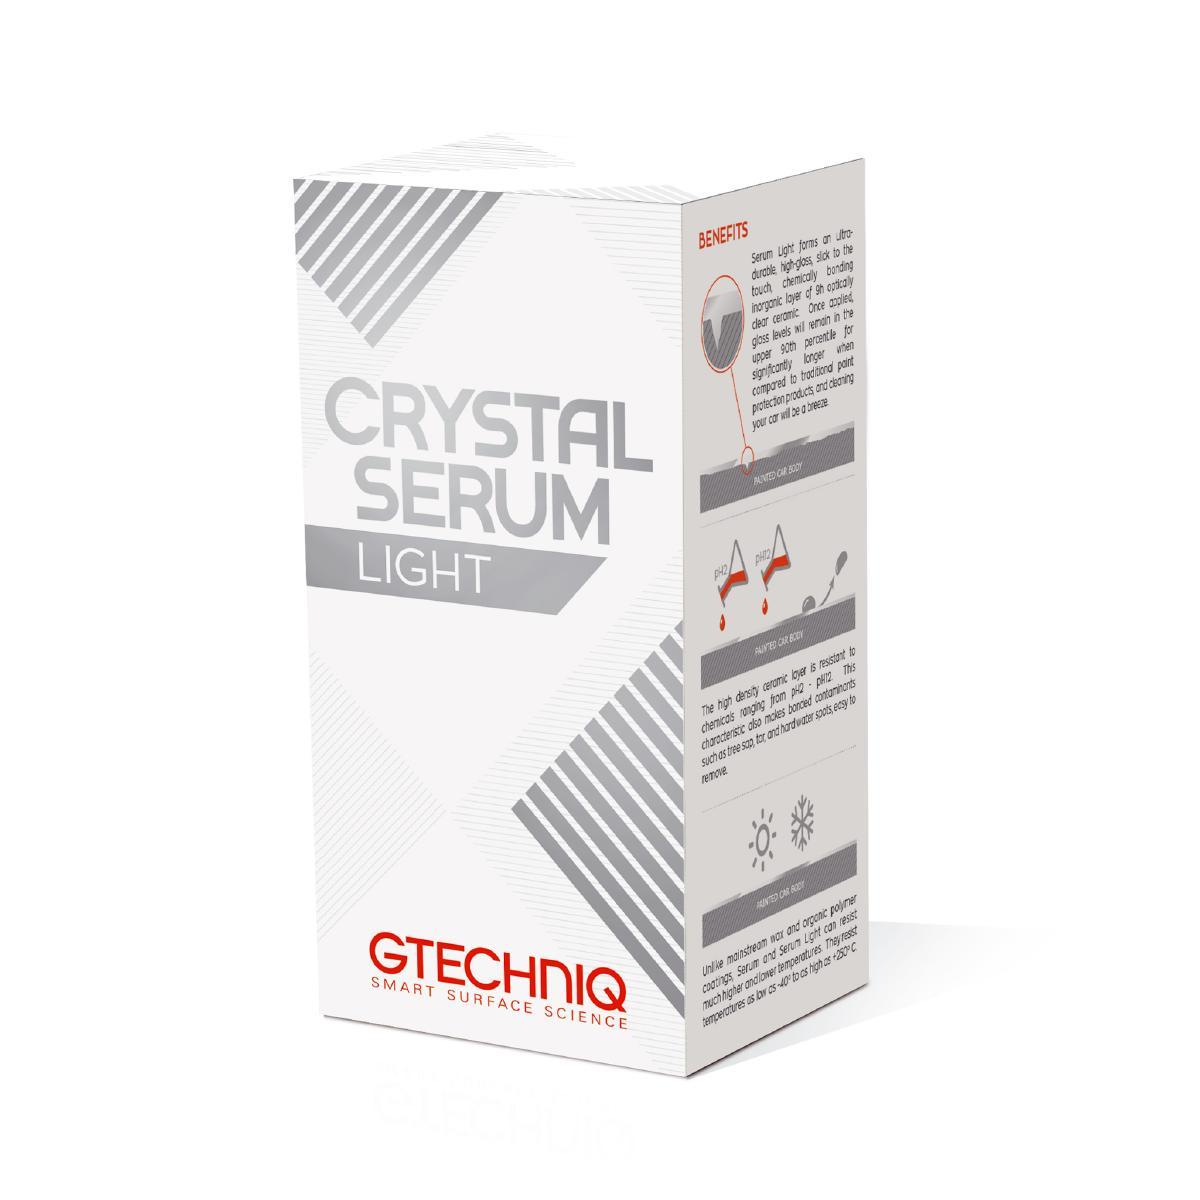 Lackförsegling Gtechniq Crystal Serum Light, CSL 50 ml